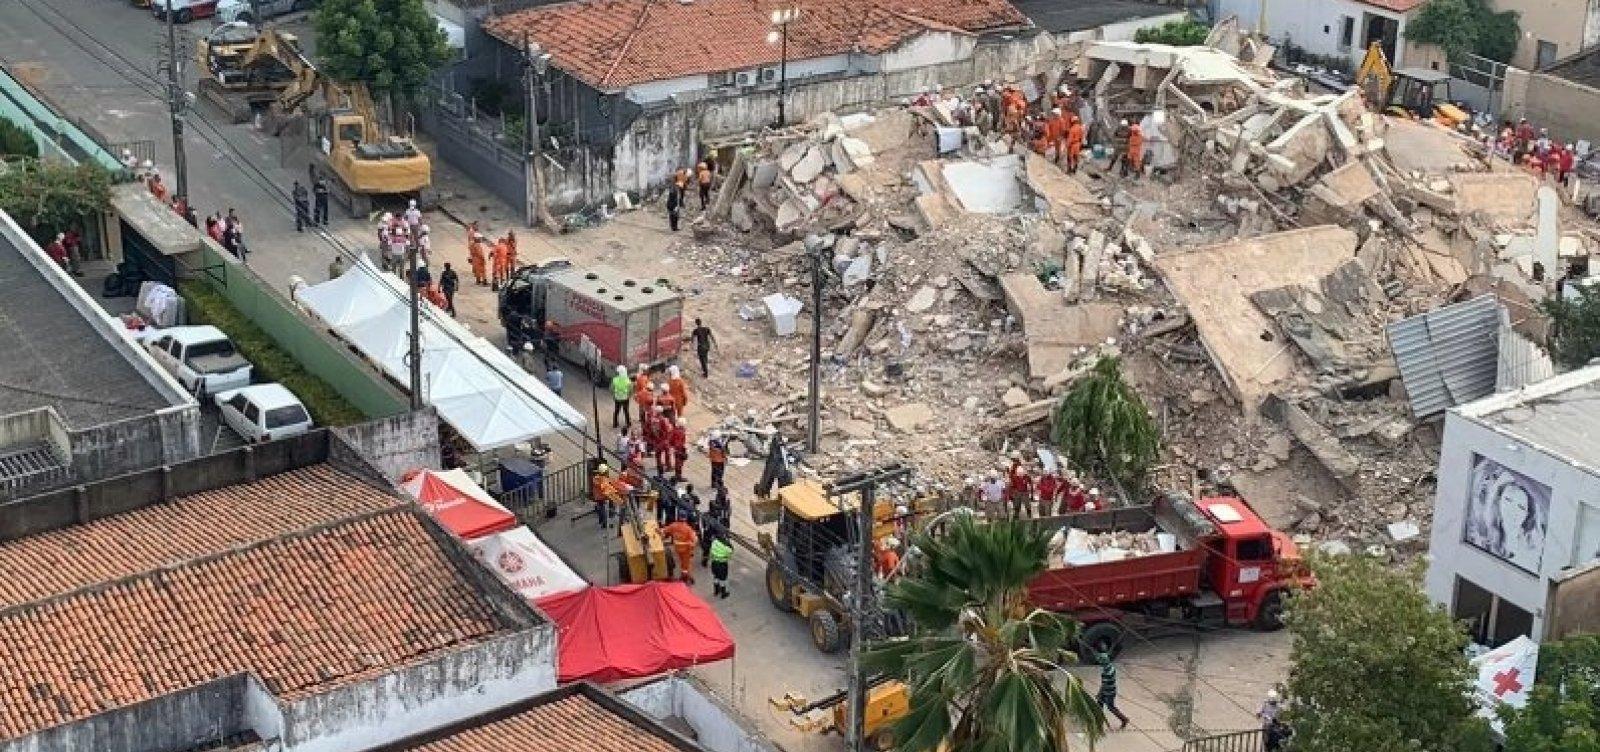 Bombeiros confirmam 4ª morte após queda de prédio em Fortaleza